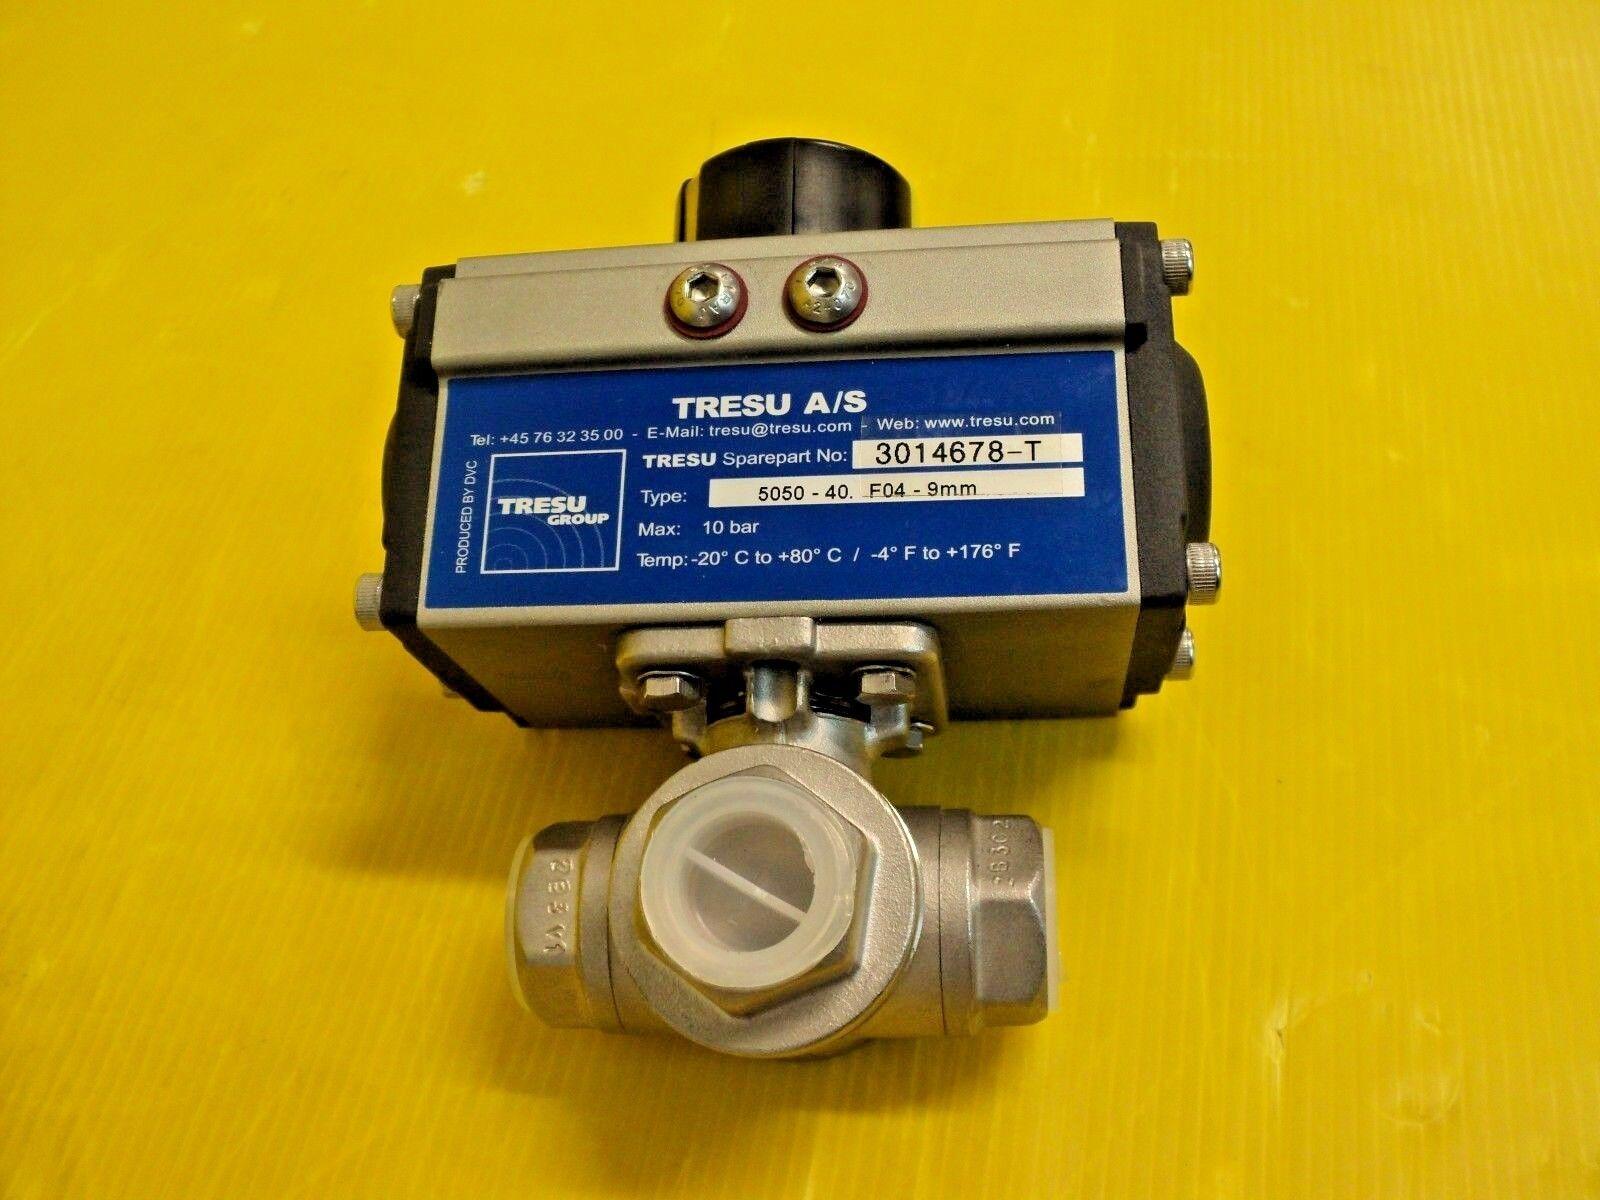 TRESU A S 5050-40 F04-9mm MAX 10 BAR